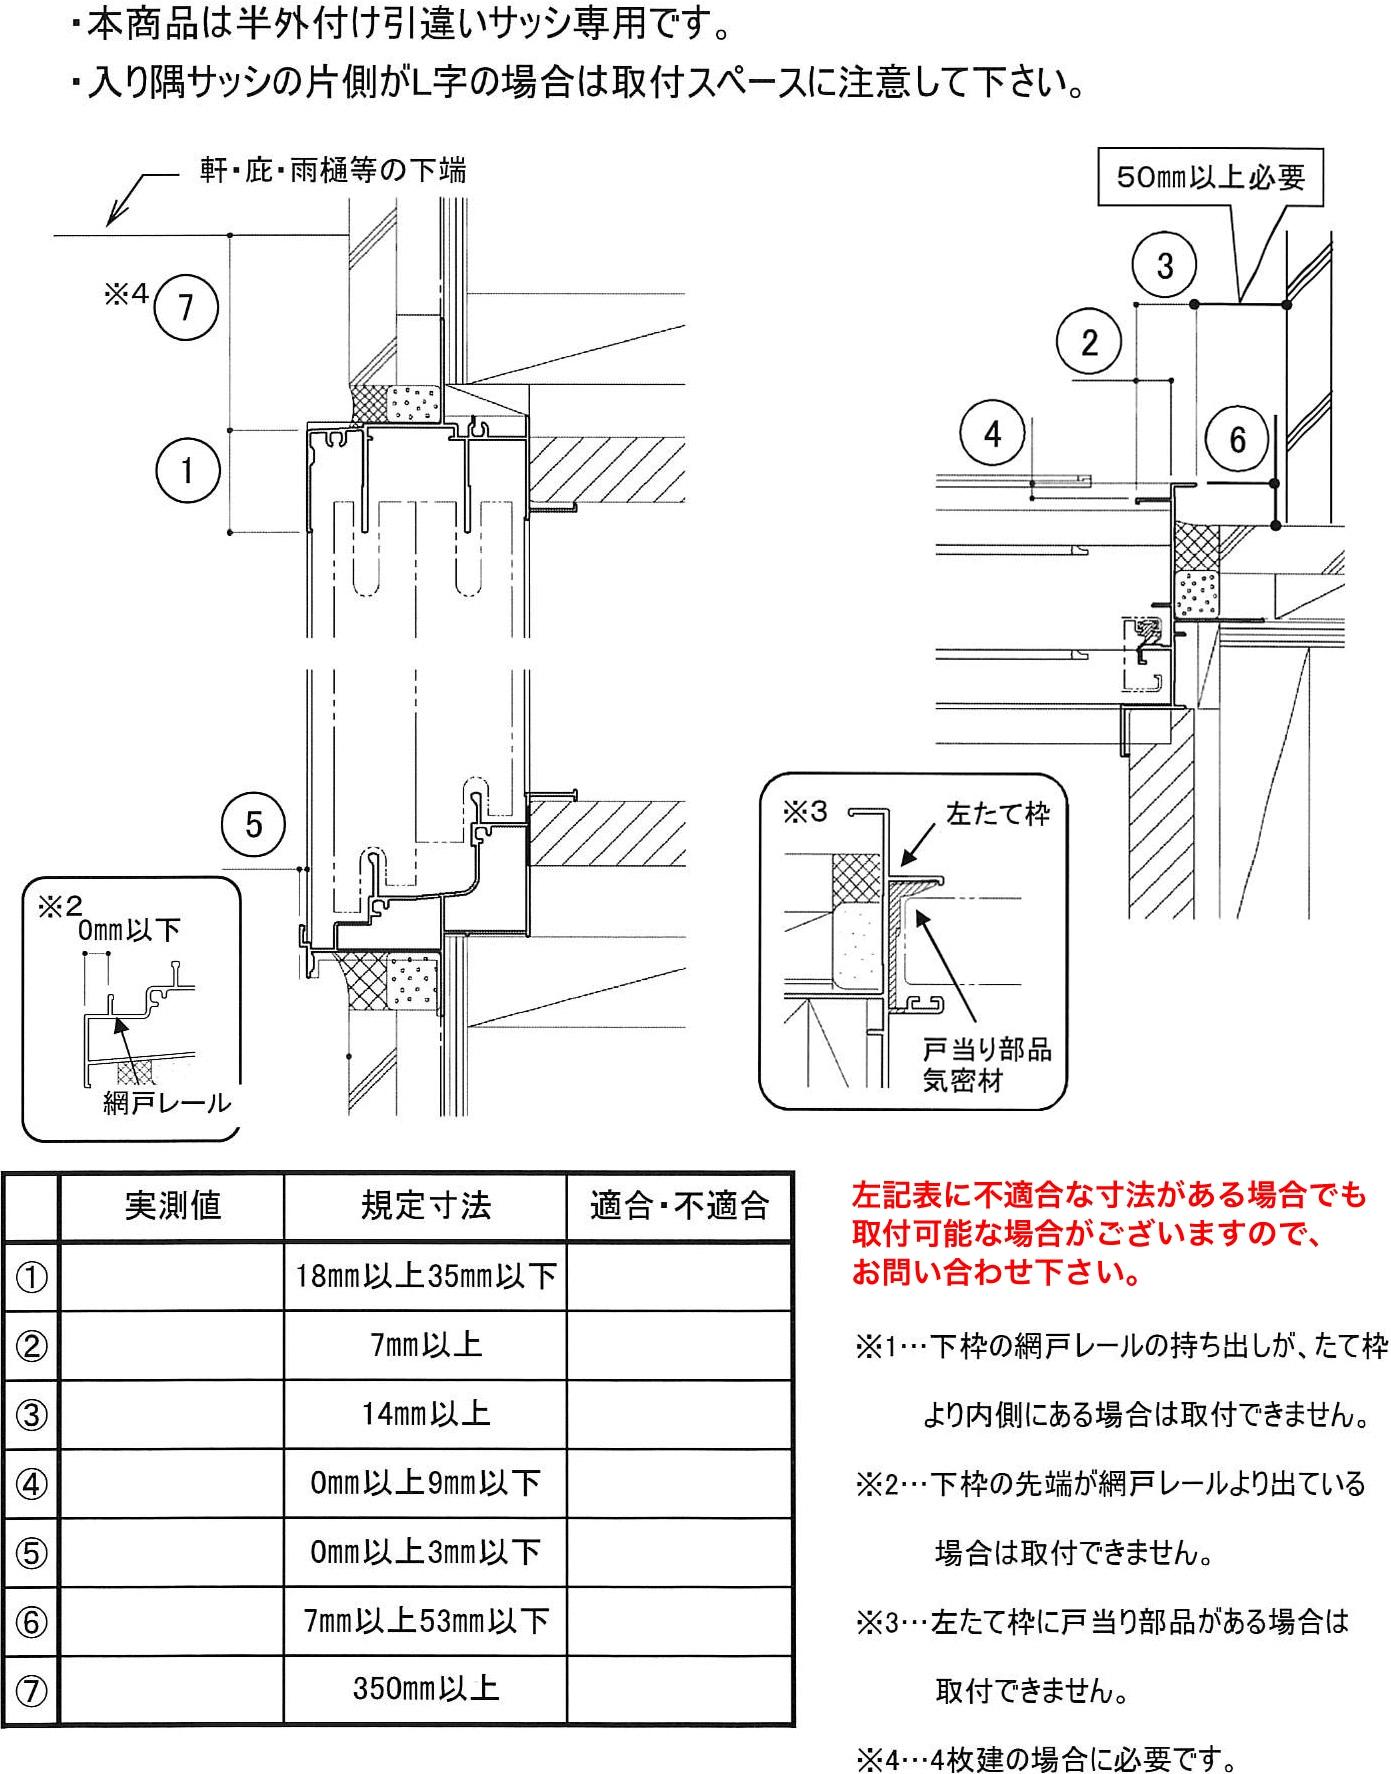 エコ引き違い雨戸 取り付け窓寸法の実測